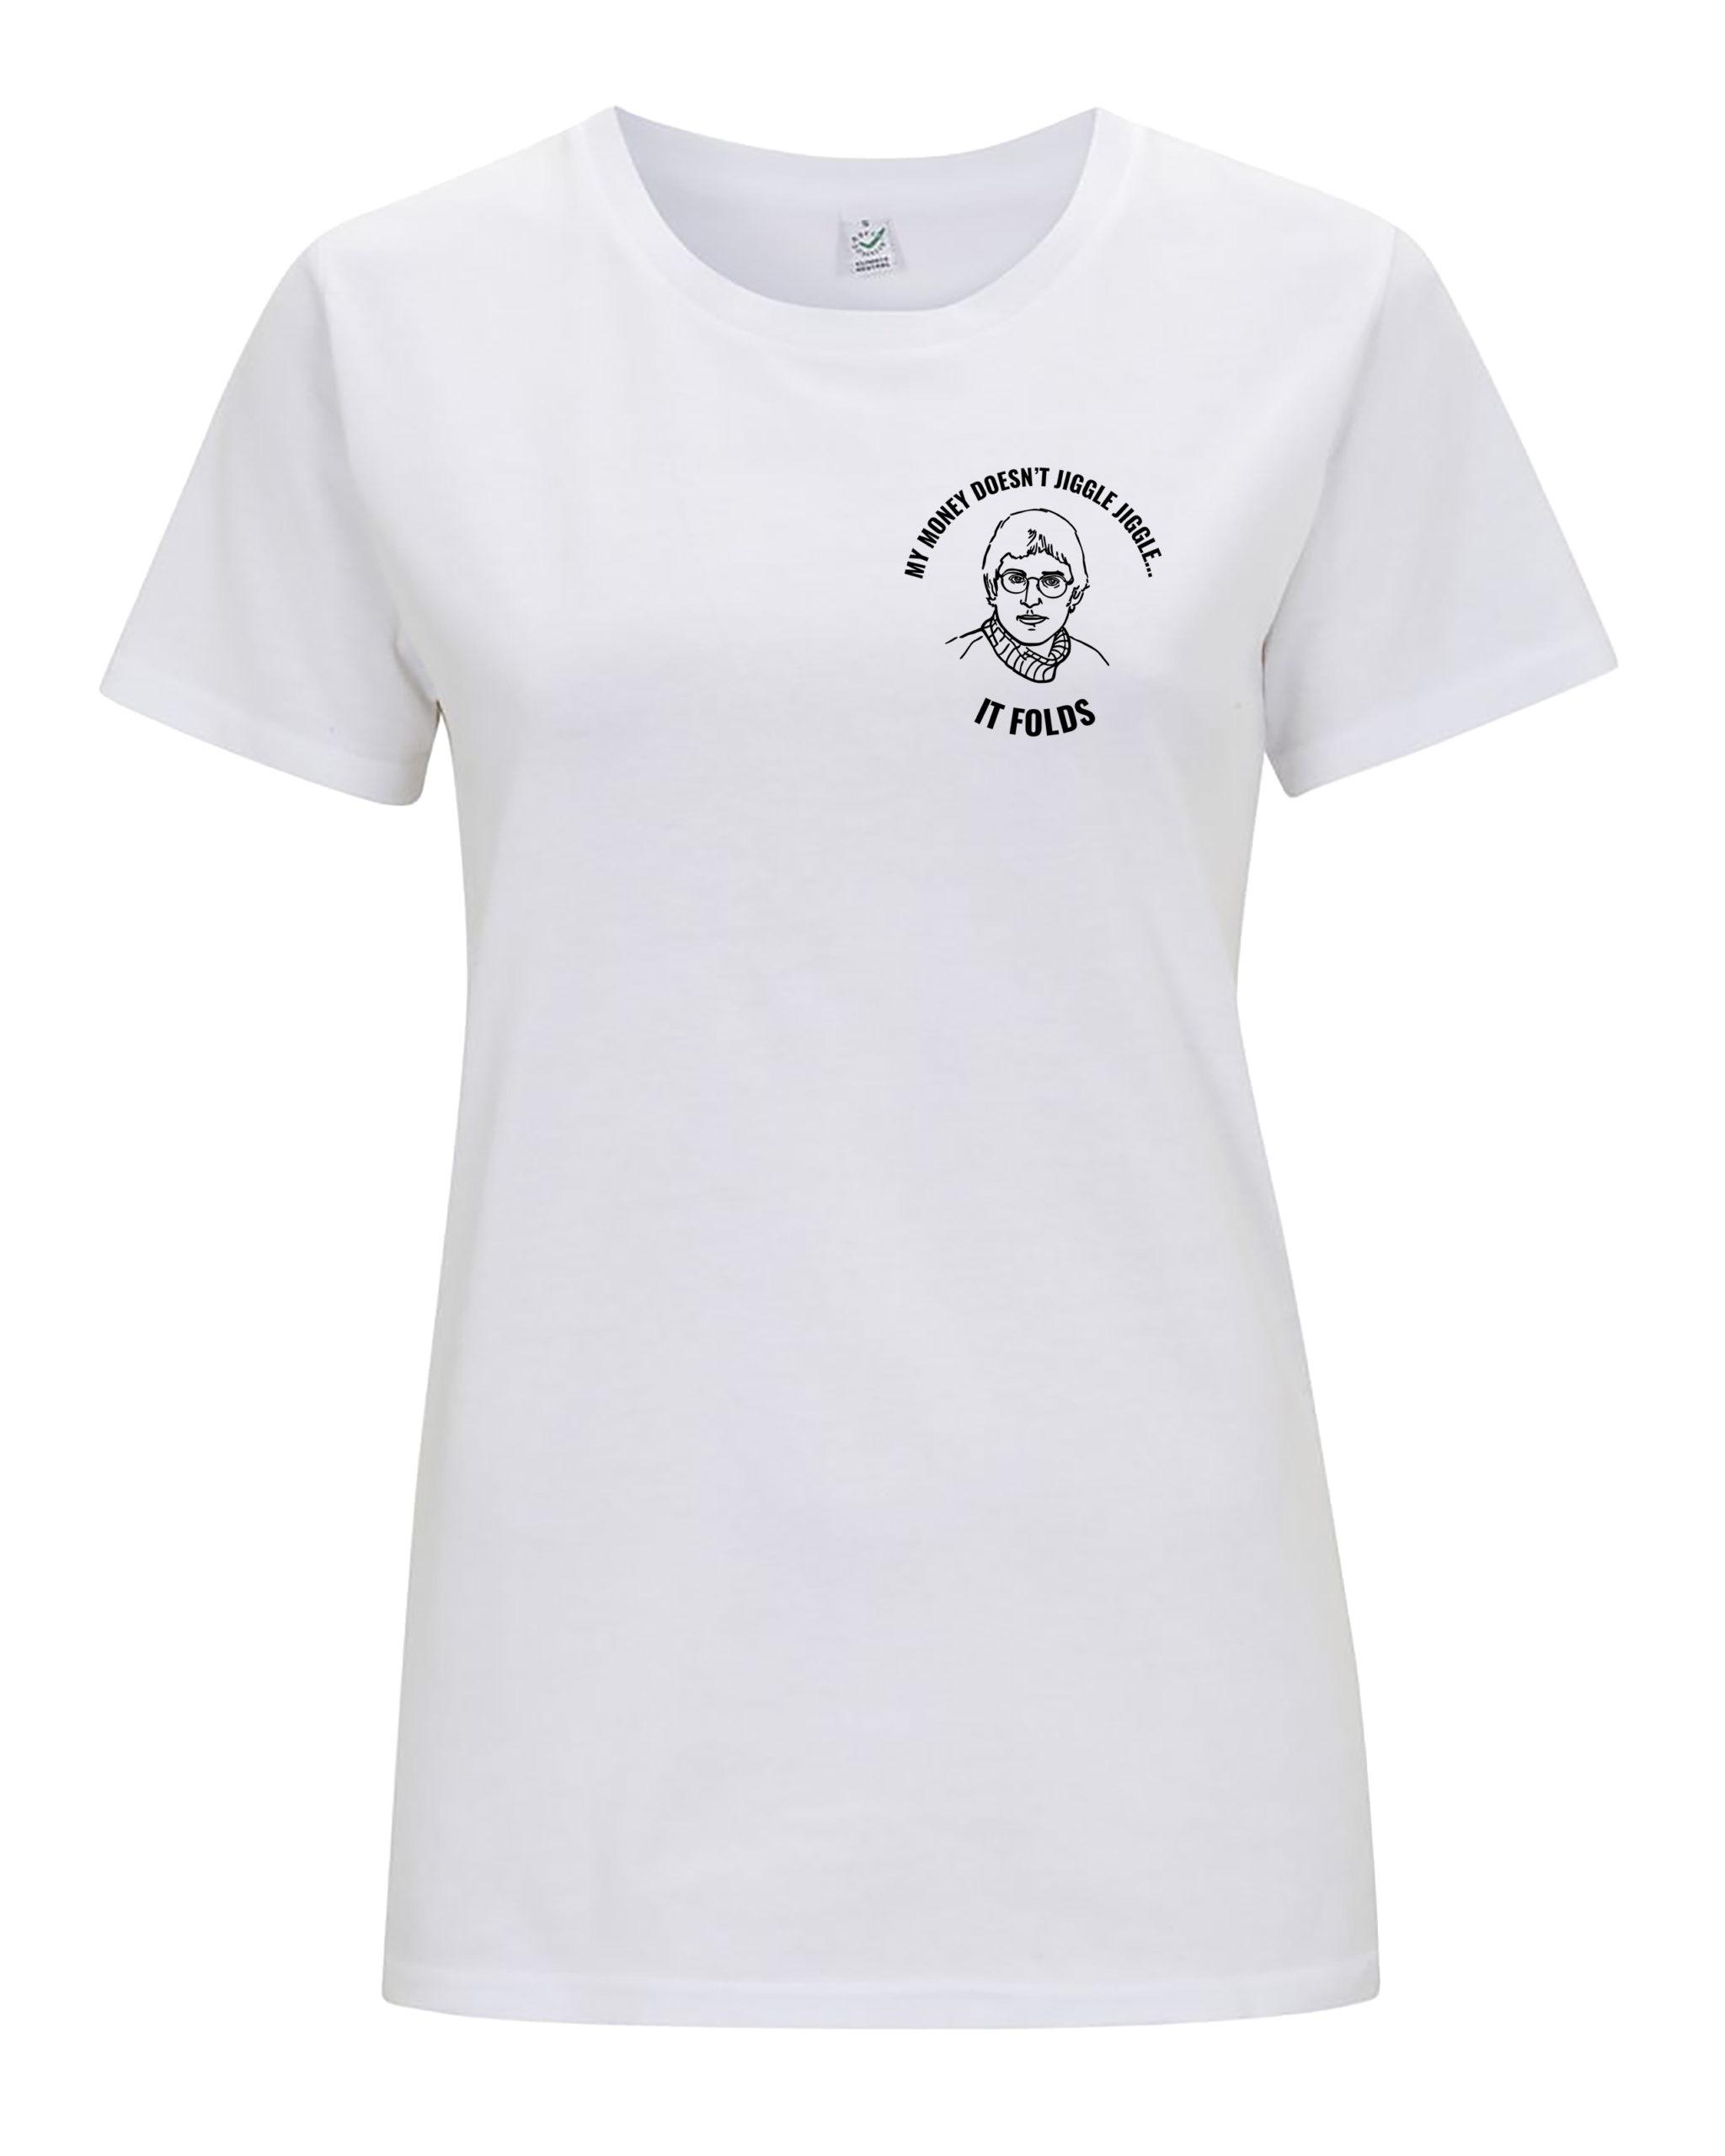 Women's Louis Theroux T-shirt